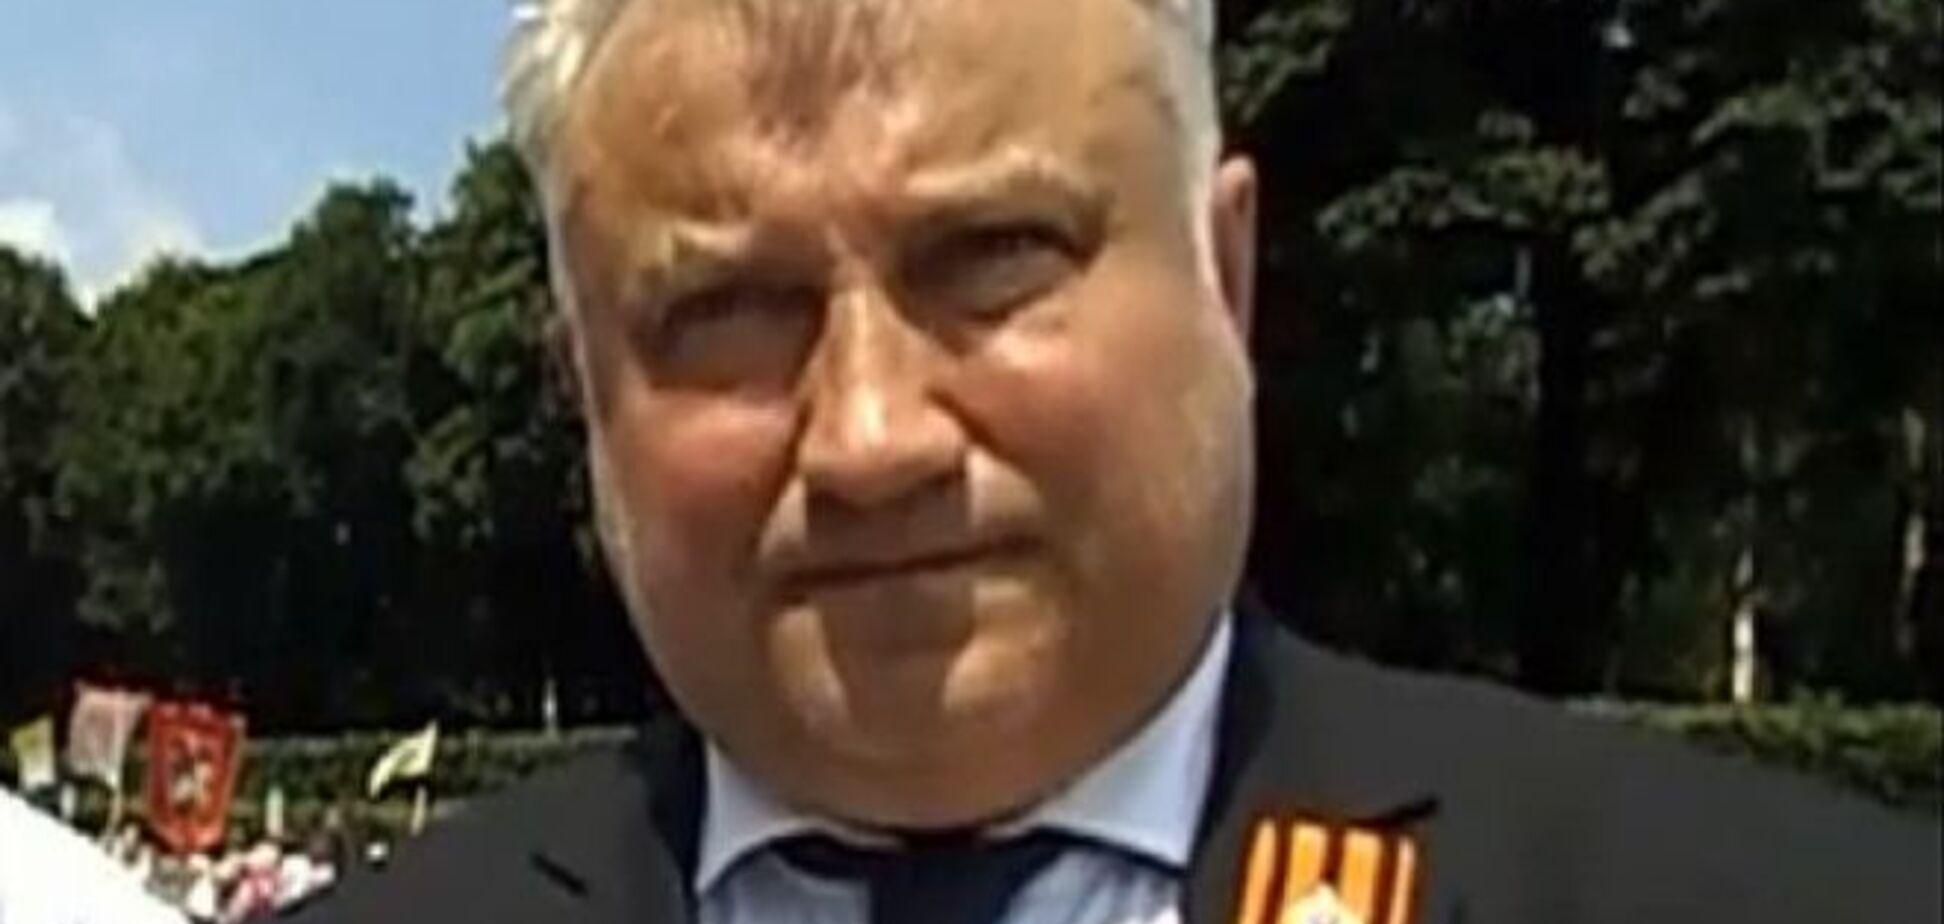 Элитные машины и пачки денег: стало известно, что нашли при обыске у убитого Калашникова